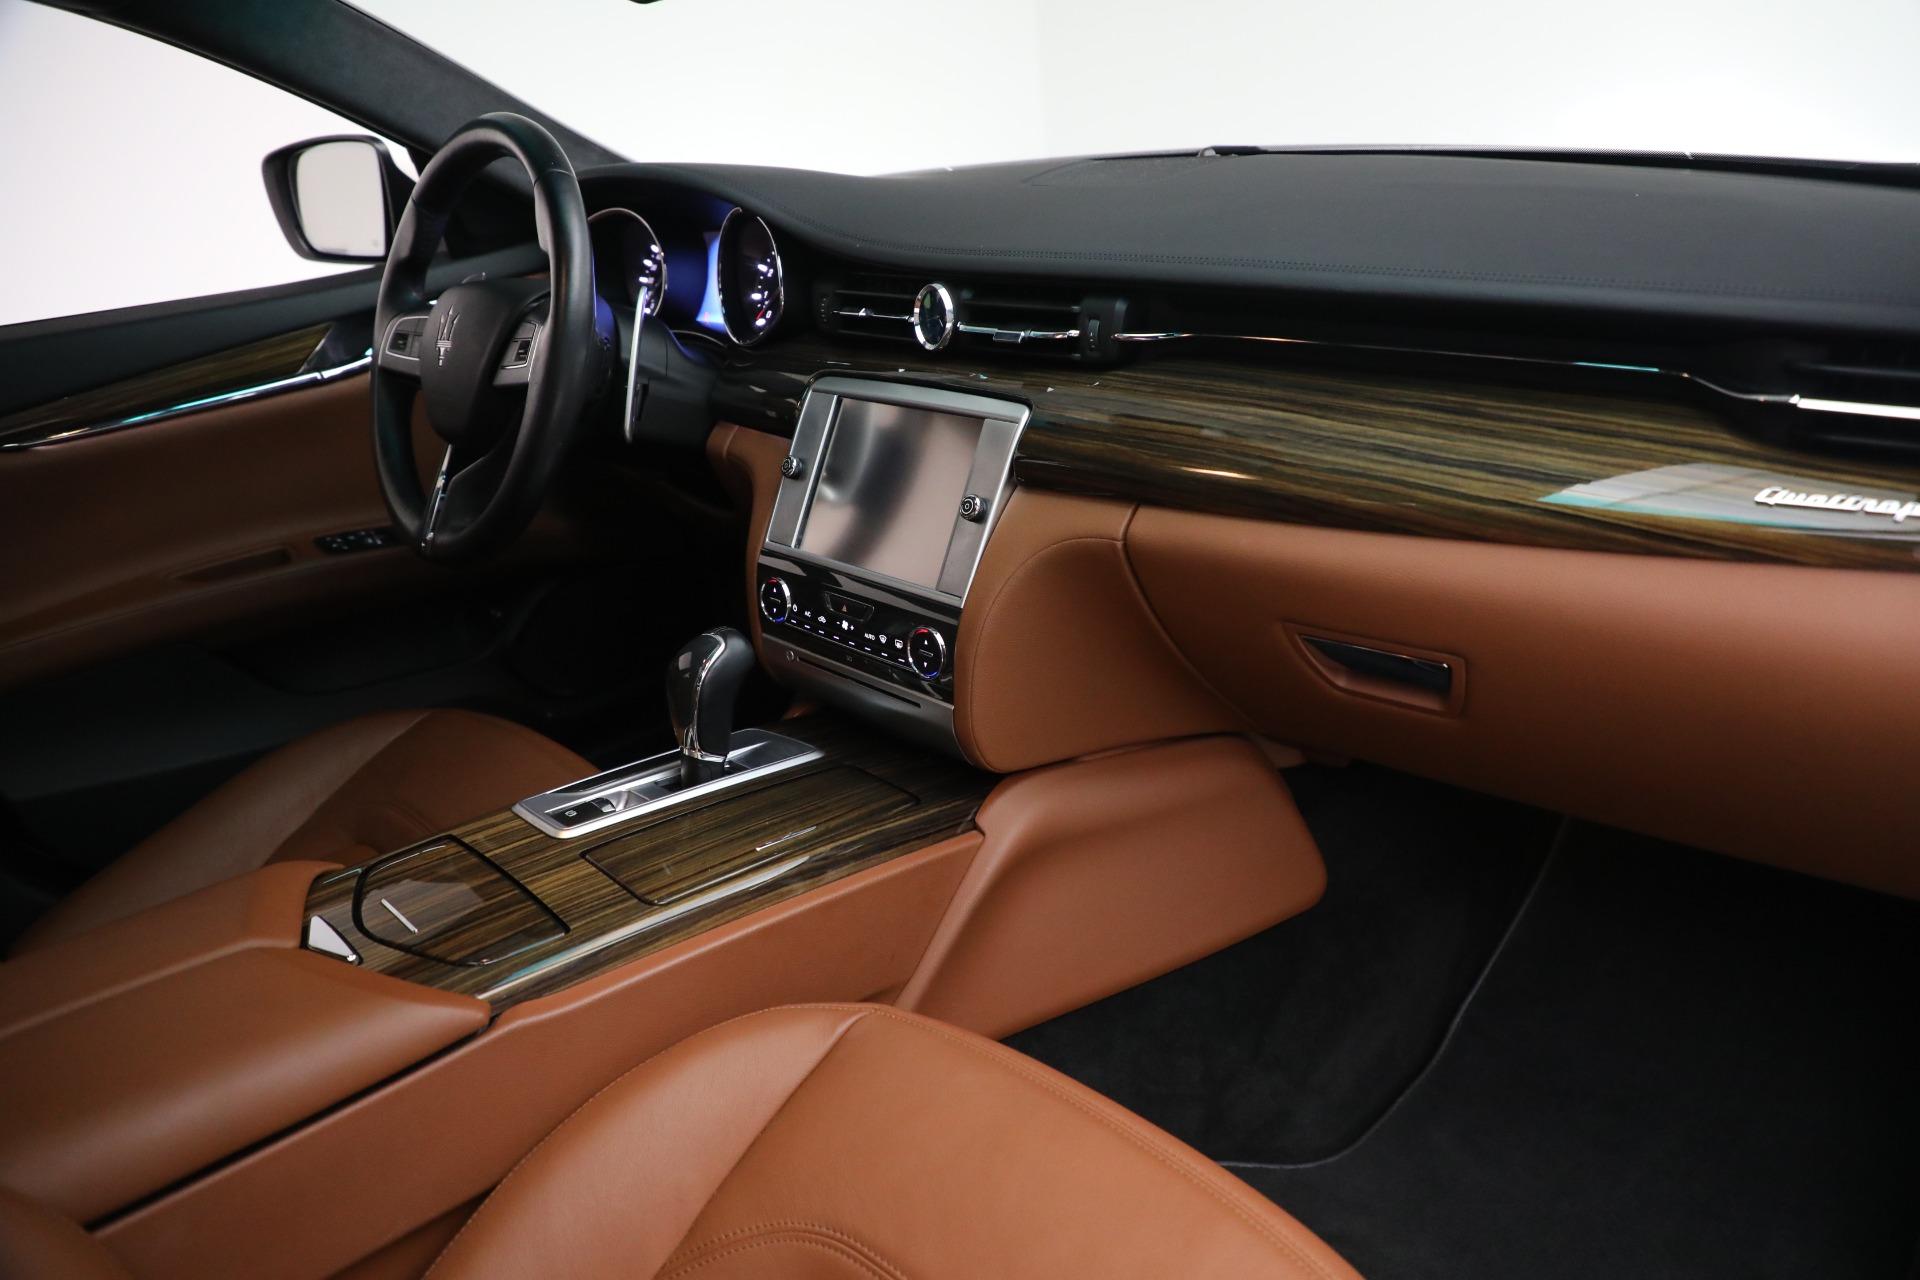 Used 2015 Maserati Quattroporte S Q4 For Sale In Westport, CT 2915_p19